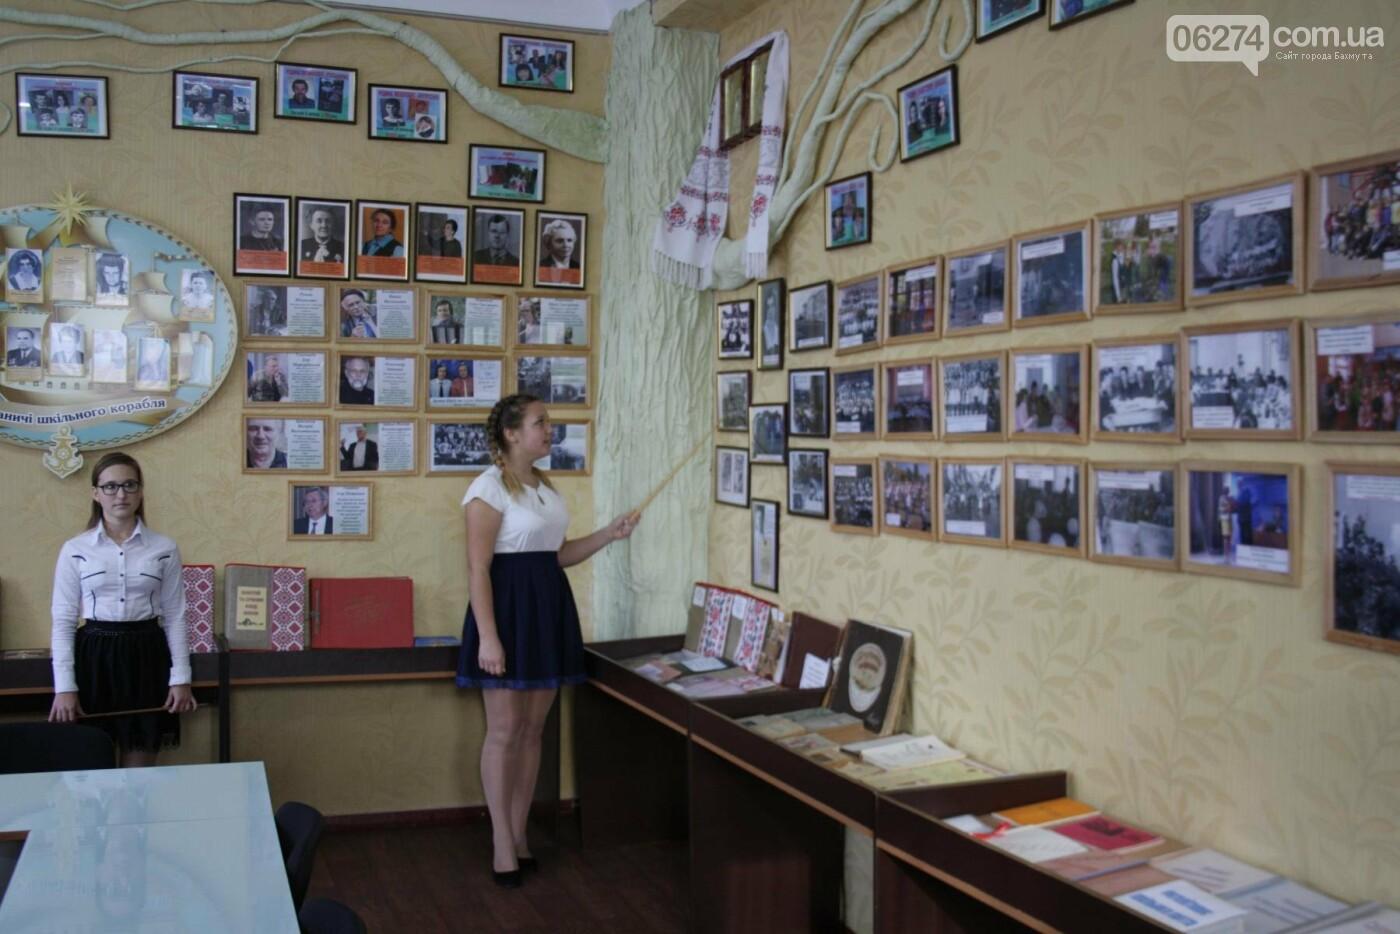 В одной из школ Бахмута появилась современная библиотека, фото-12